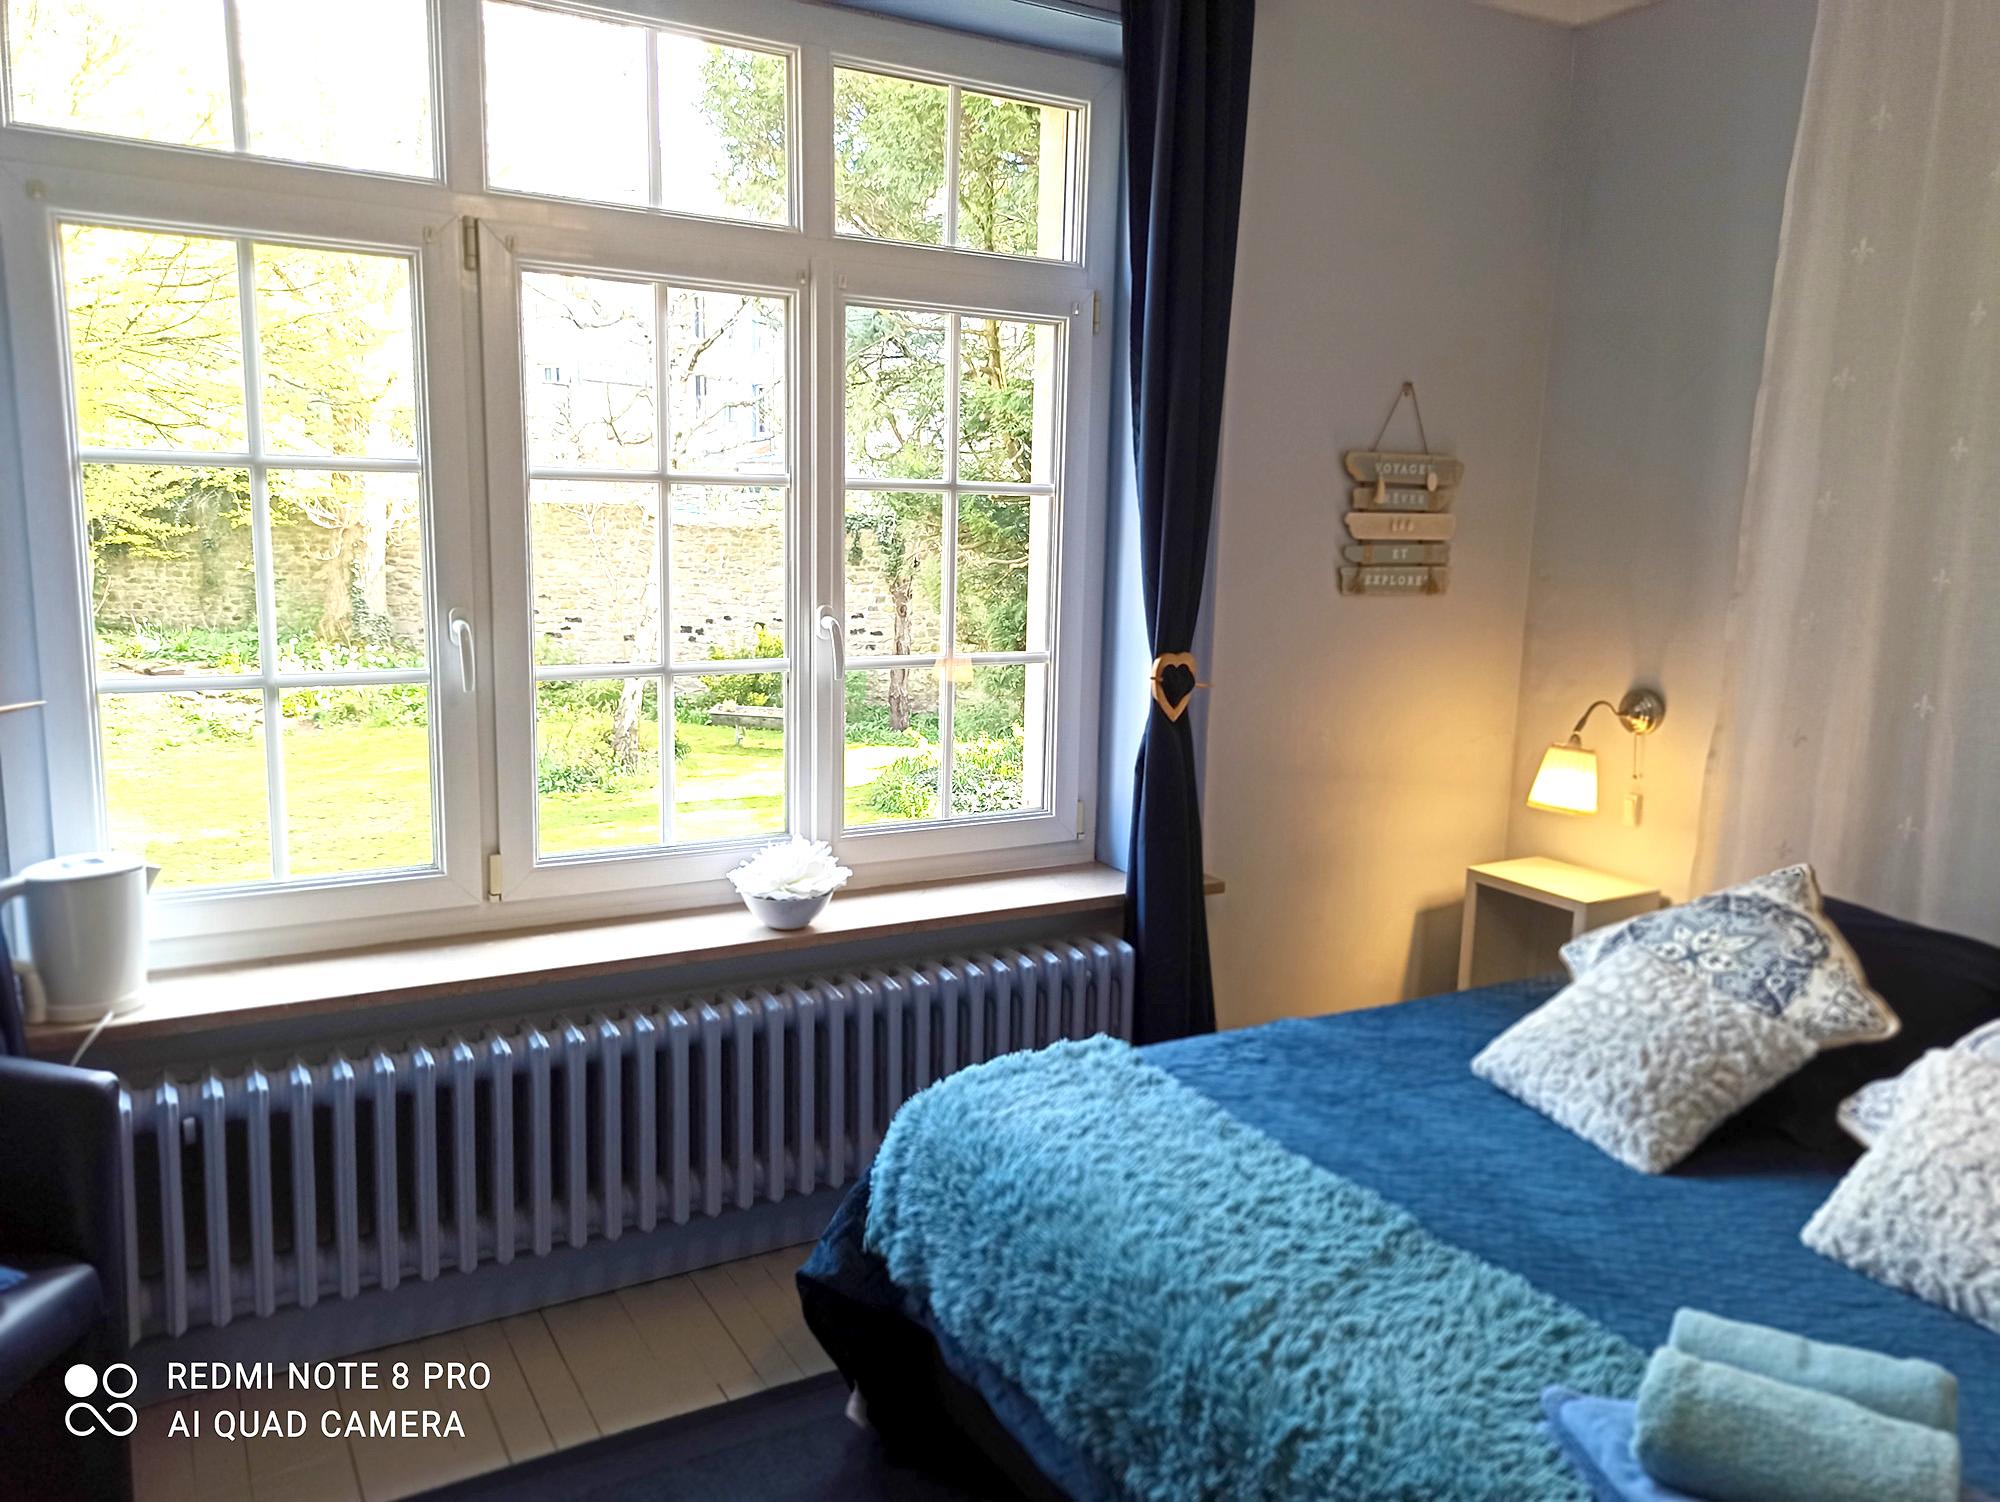 la-voliere-chambre-d-hotes-cote-d-opale-chambre-oiseau-bleu2